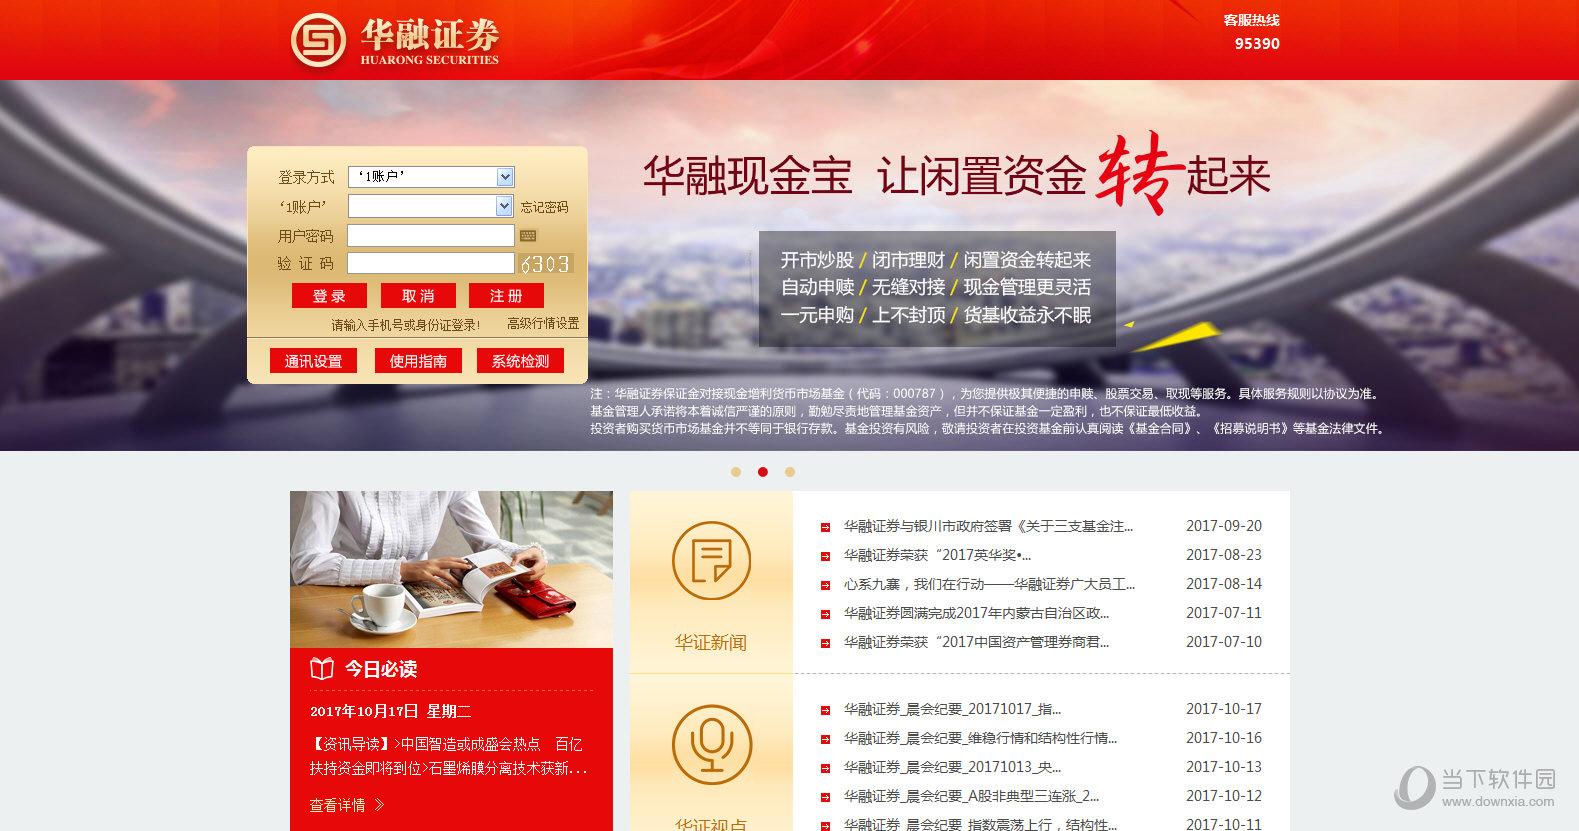 金福融1账户财富管理平台